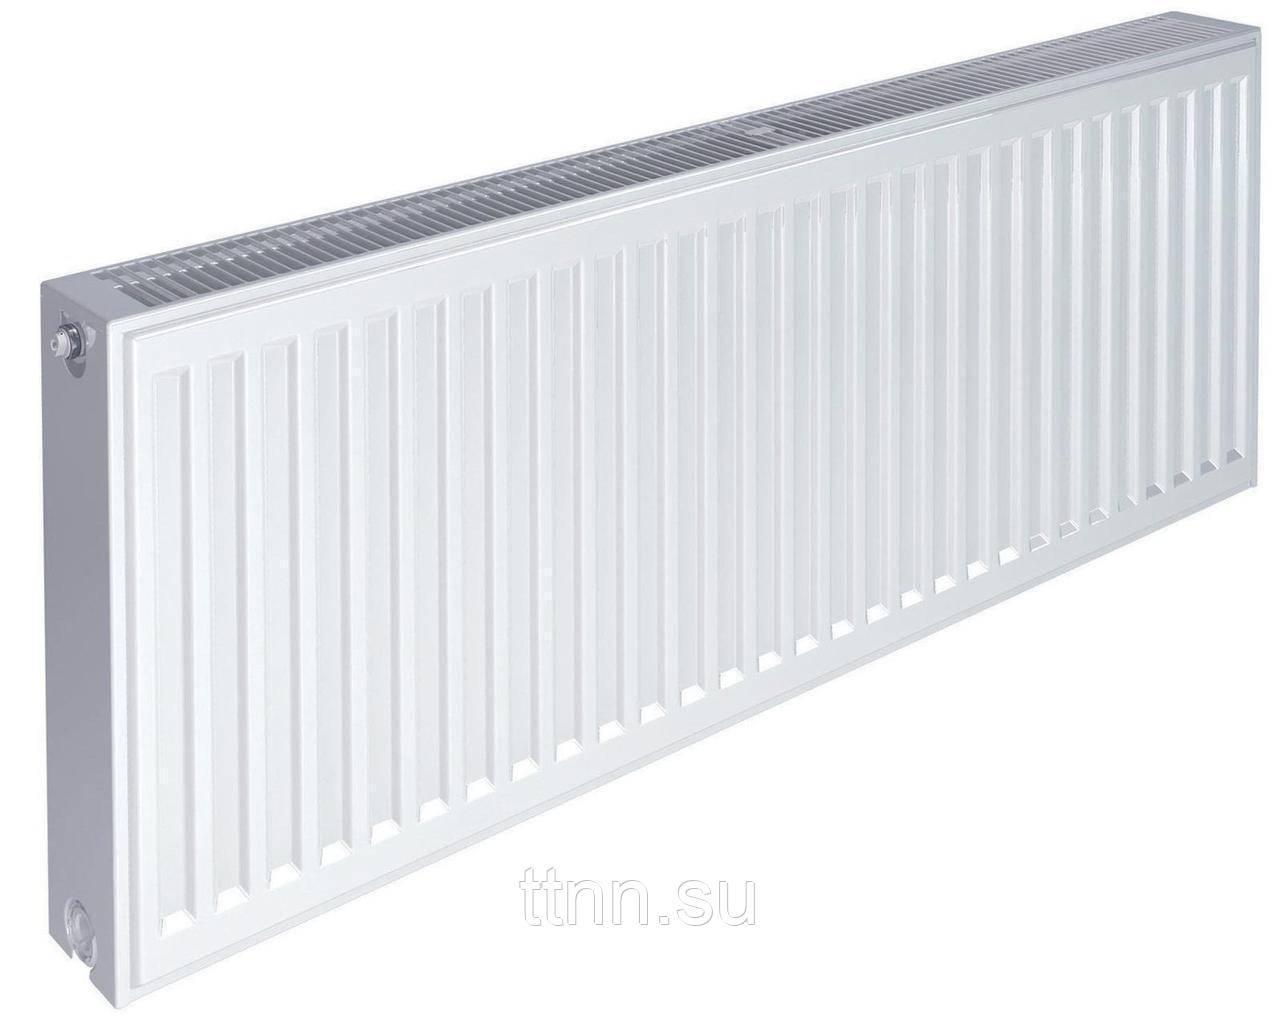 Какие радиаторы отопления подходят для низкотемпературных систем. что такое низкотемпературное отопление